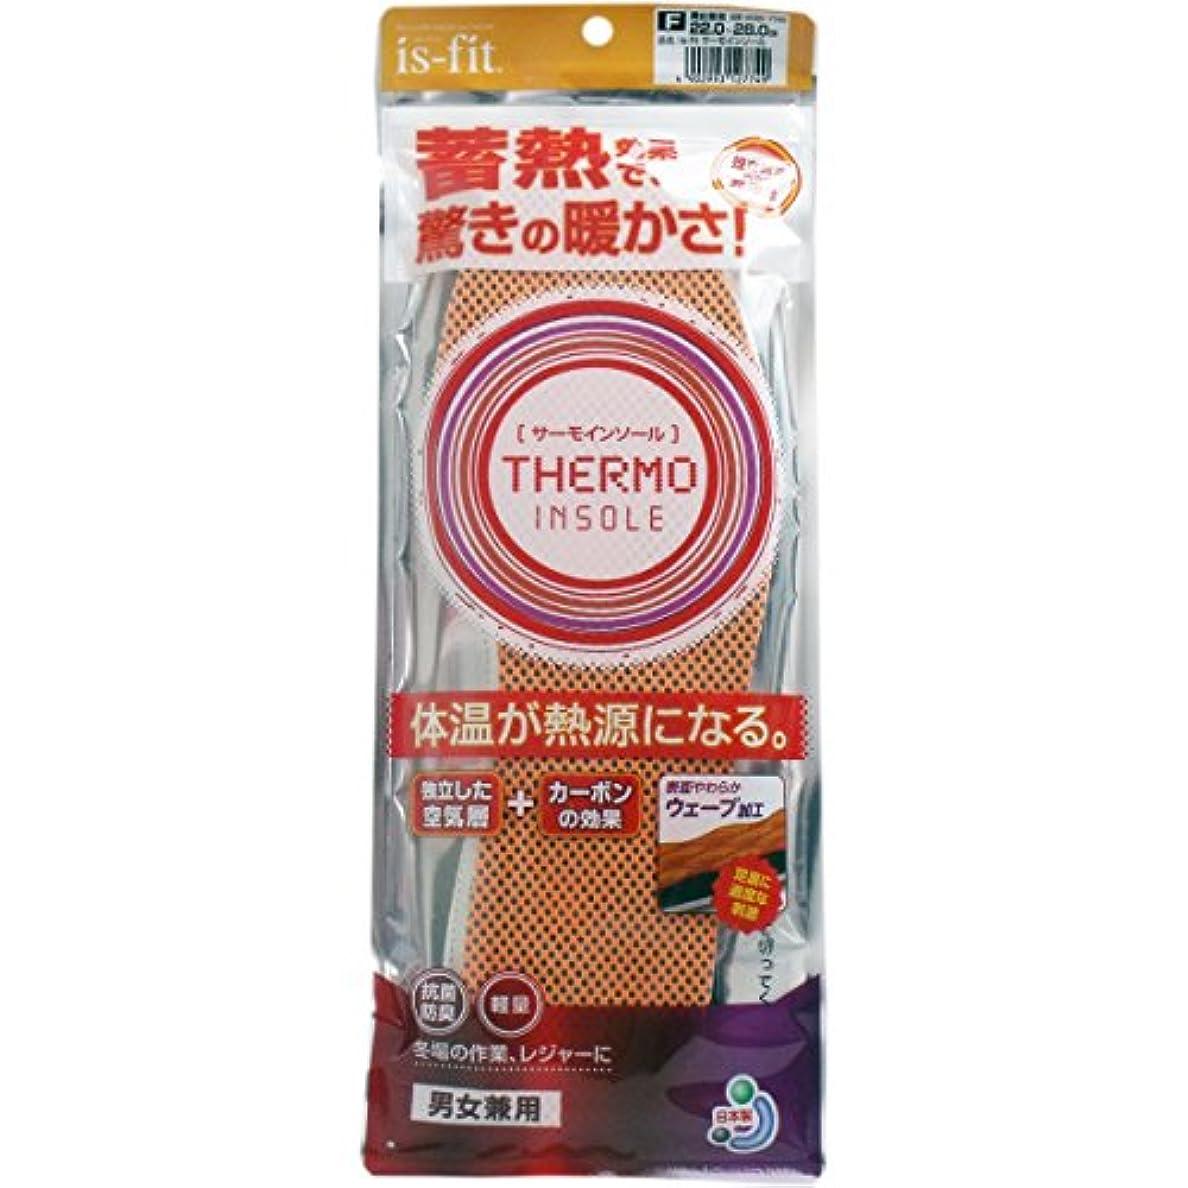 苛性麻酔薬聴覚is-fit サーモインソール 男女兼用×20個セット